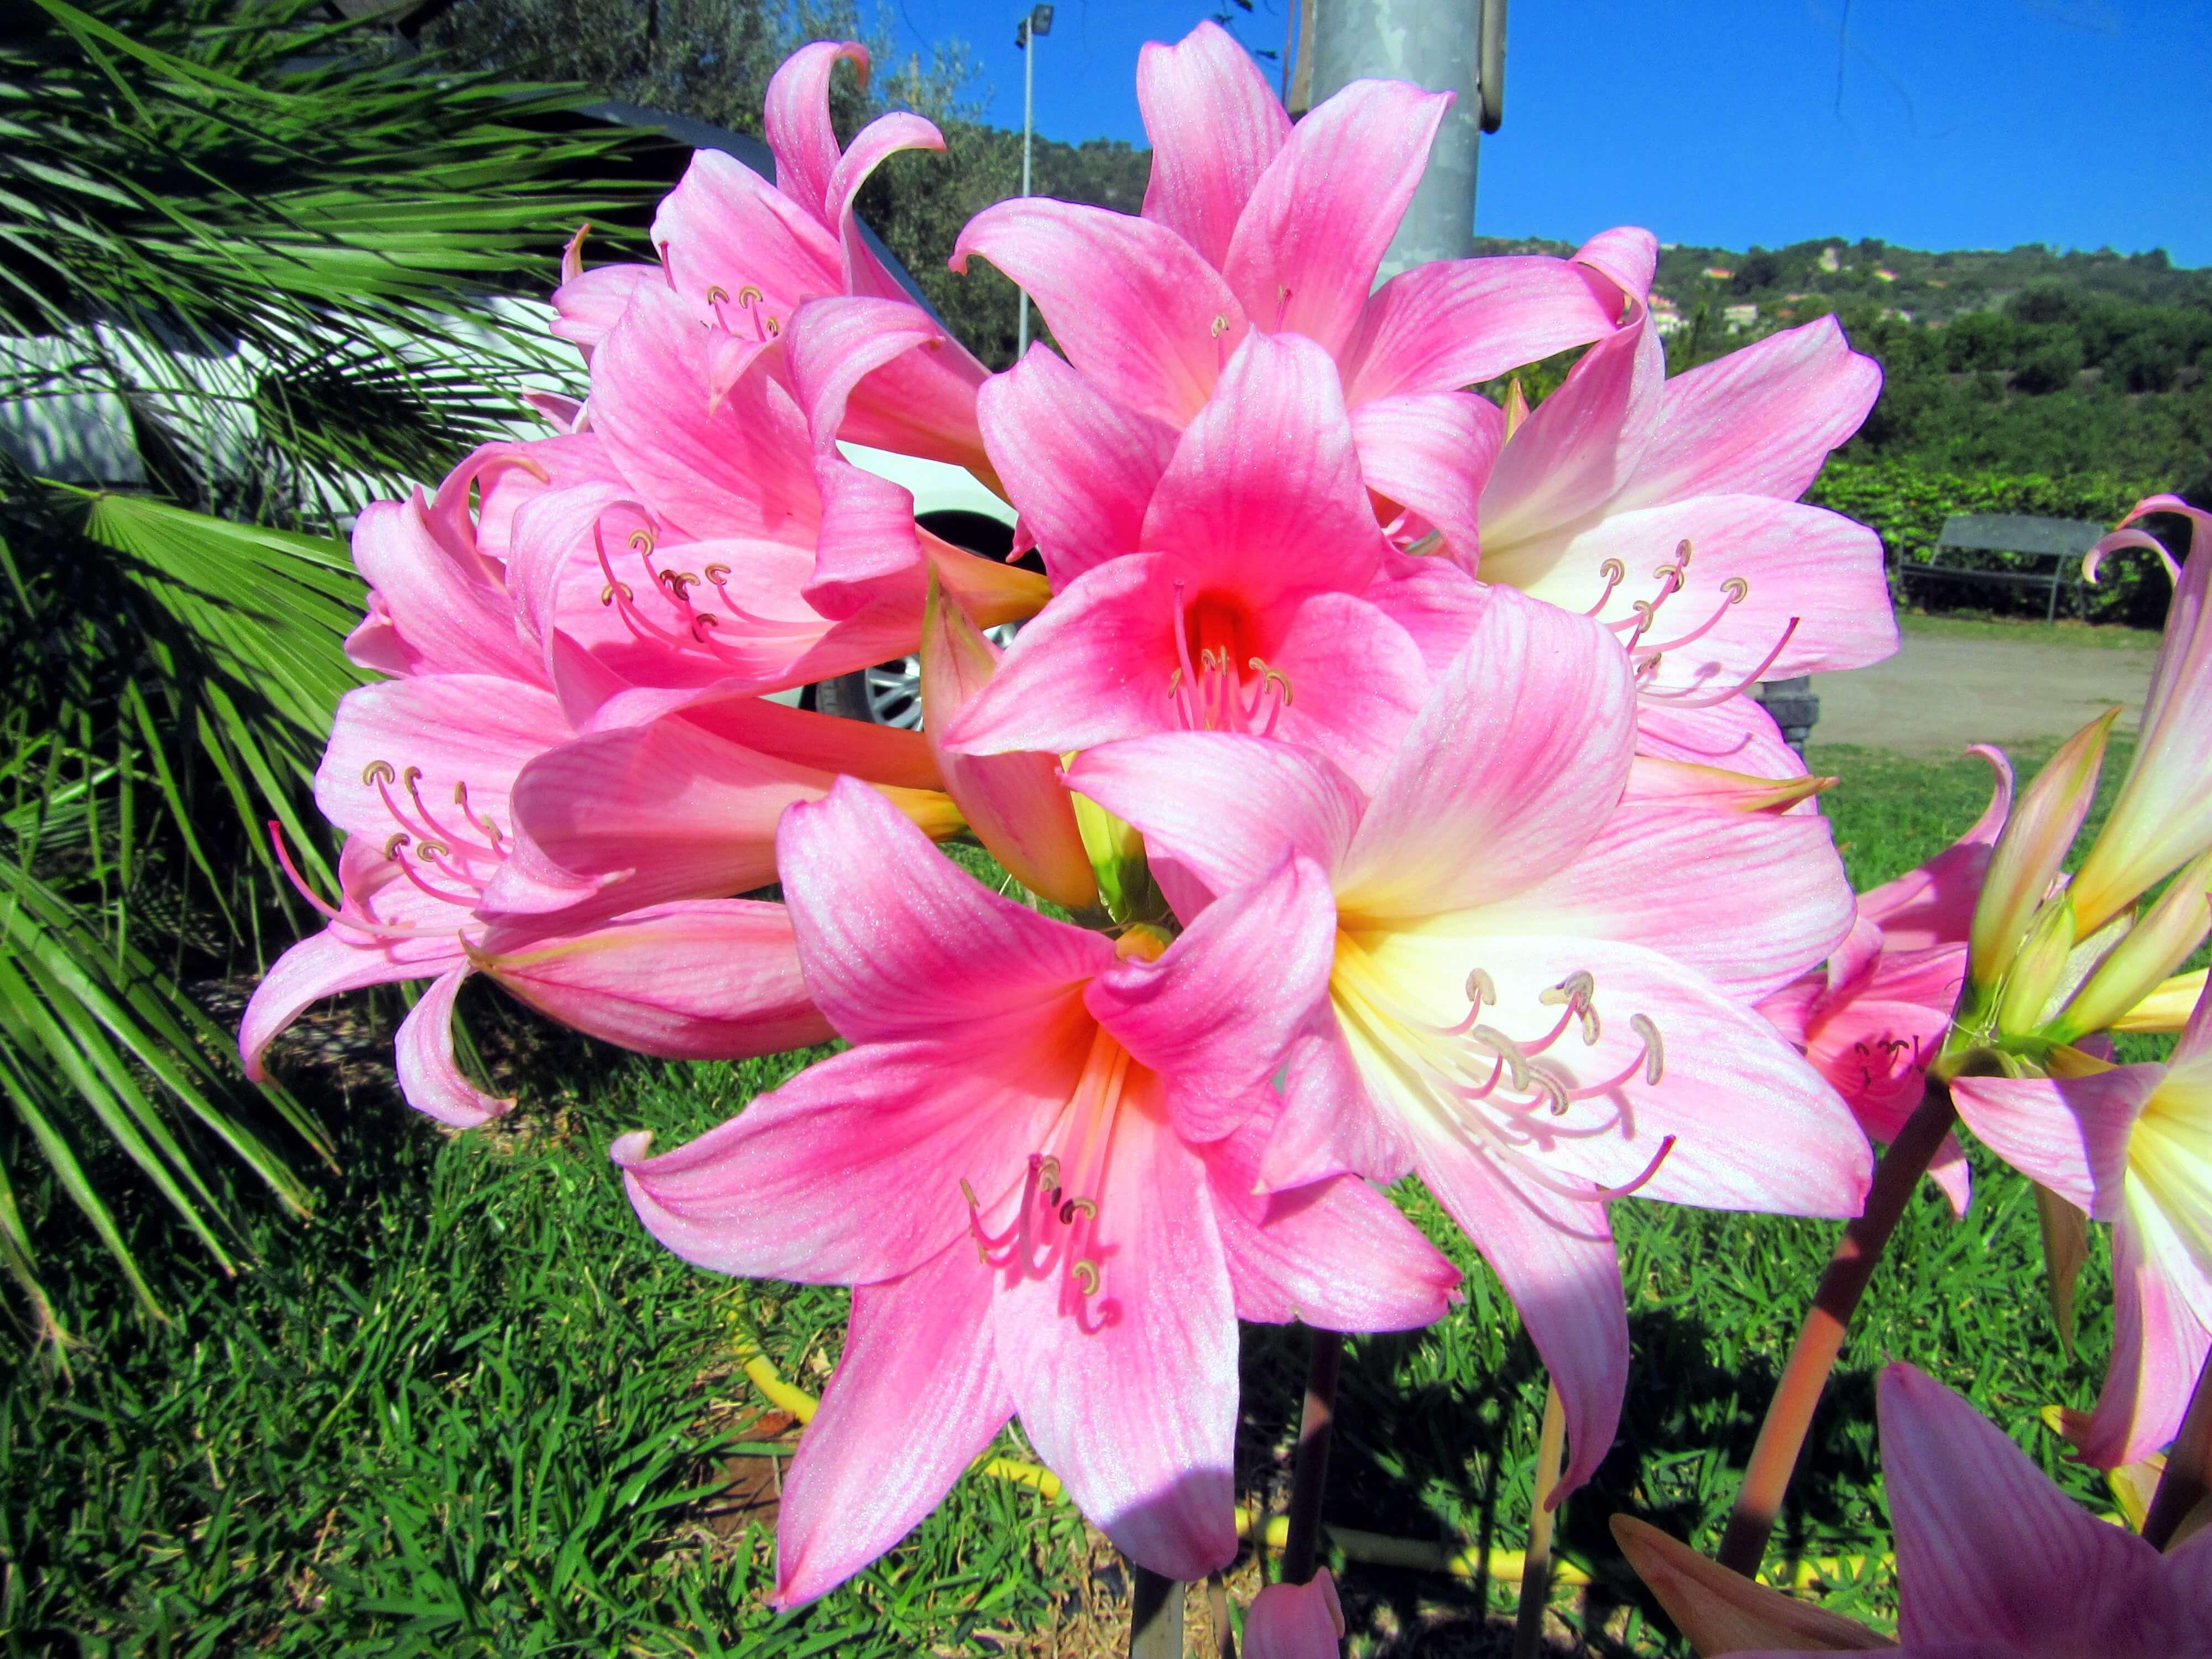 Les fleurs dans le verger de l'agritourisme en Sicile